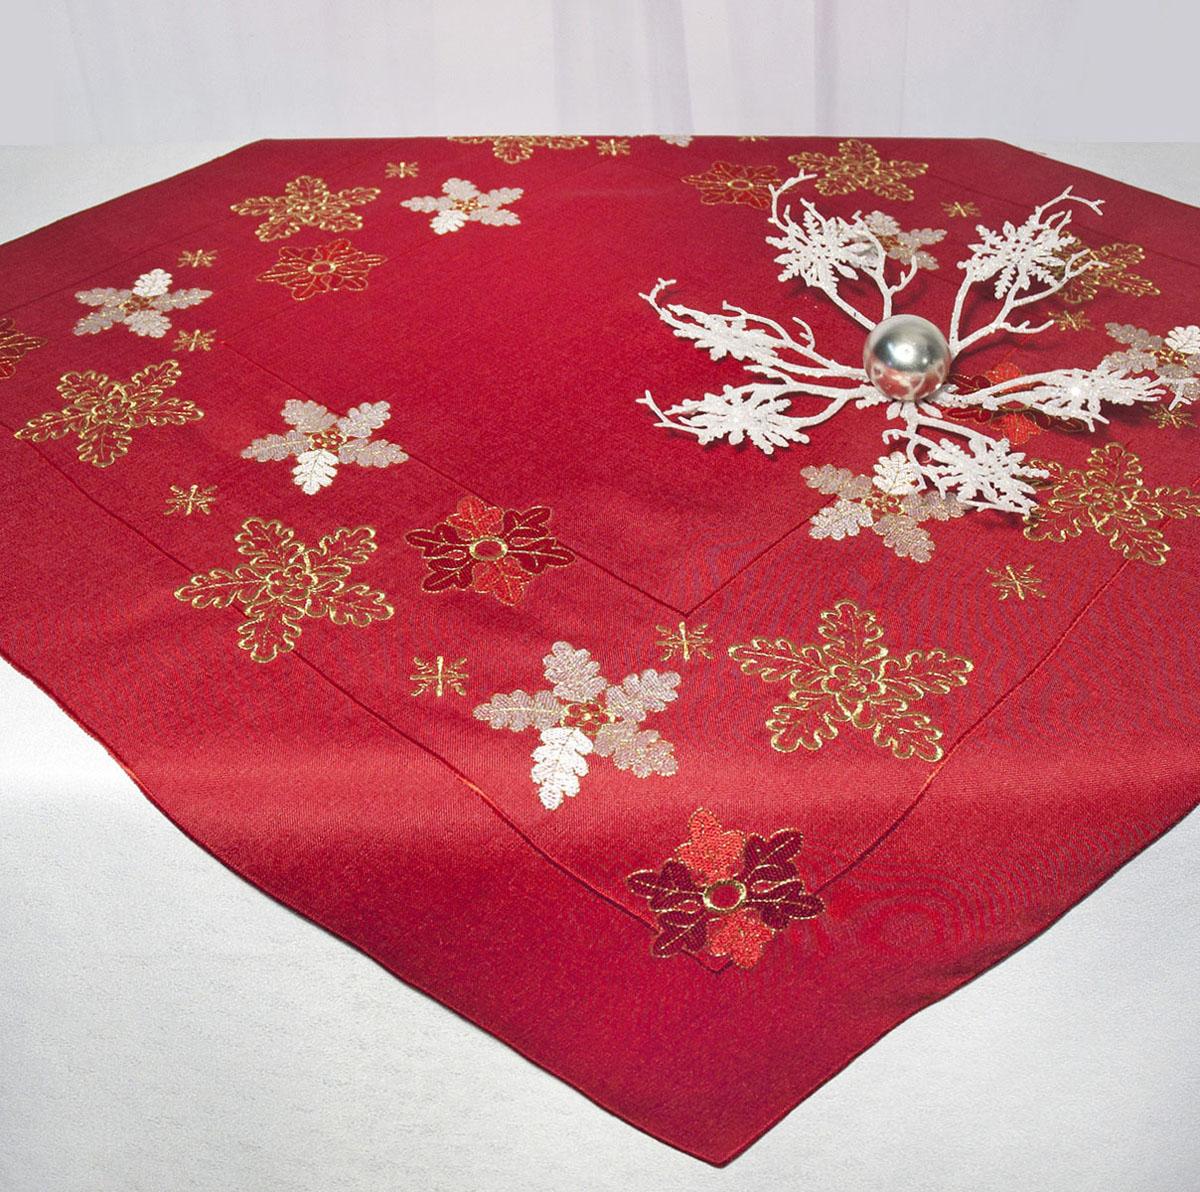 """Скатерть """"Schaefer"""" изготовлена из полиэстера и украшена новогодней вышивкой.Изделия из полиэстера легко стирать: они не мнутся, не садятся и быстро сохнут, они более долговечны, чем изделия из натуральных волокон. Кроме того, ткань обладает водоотталкивающими свойствами. Такая скатерть будет просто не заменима на кухне, а особенно на вашем обеденном столе на даче под открытым небом. Скатерть """"Schaefer"""" не останется без внимания ваших гостей, а вас будет ежедневно радовать ярким дизайном и несравненным качеством.Немецкая компания """"Schaefer"""" создана в 1921 году. На протяжении всего времени существования она создает уникальные коллекции домашнего текстиля для гостиных, спален, кухонь и ванных комнат. Дизайнерские идеи немецких художников компании """"Schaefer"""" воплощаются в текстильных изделиях, которые сделают ваш дом красивее и уютнее и не останутся незамеченными вашими гостями. Дарите себе и близким красоту каждый день! Изысканный текстиль от немецкой компании """"Schaefer"""" - это красота, стиль и уют в вашем доме."""